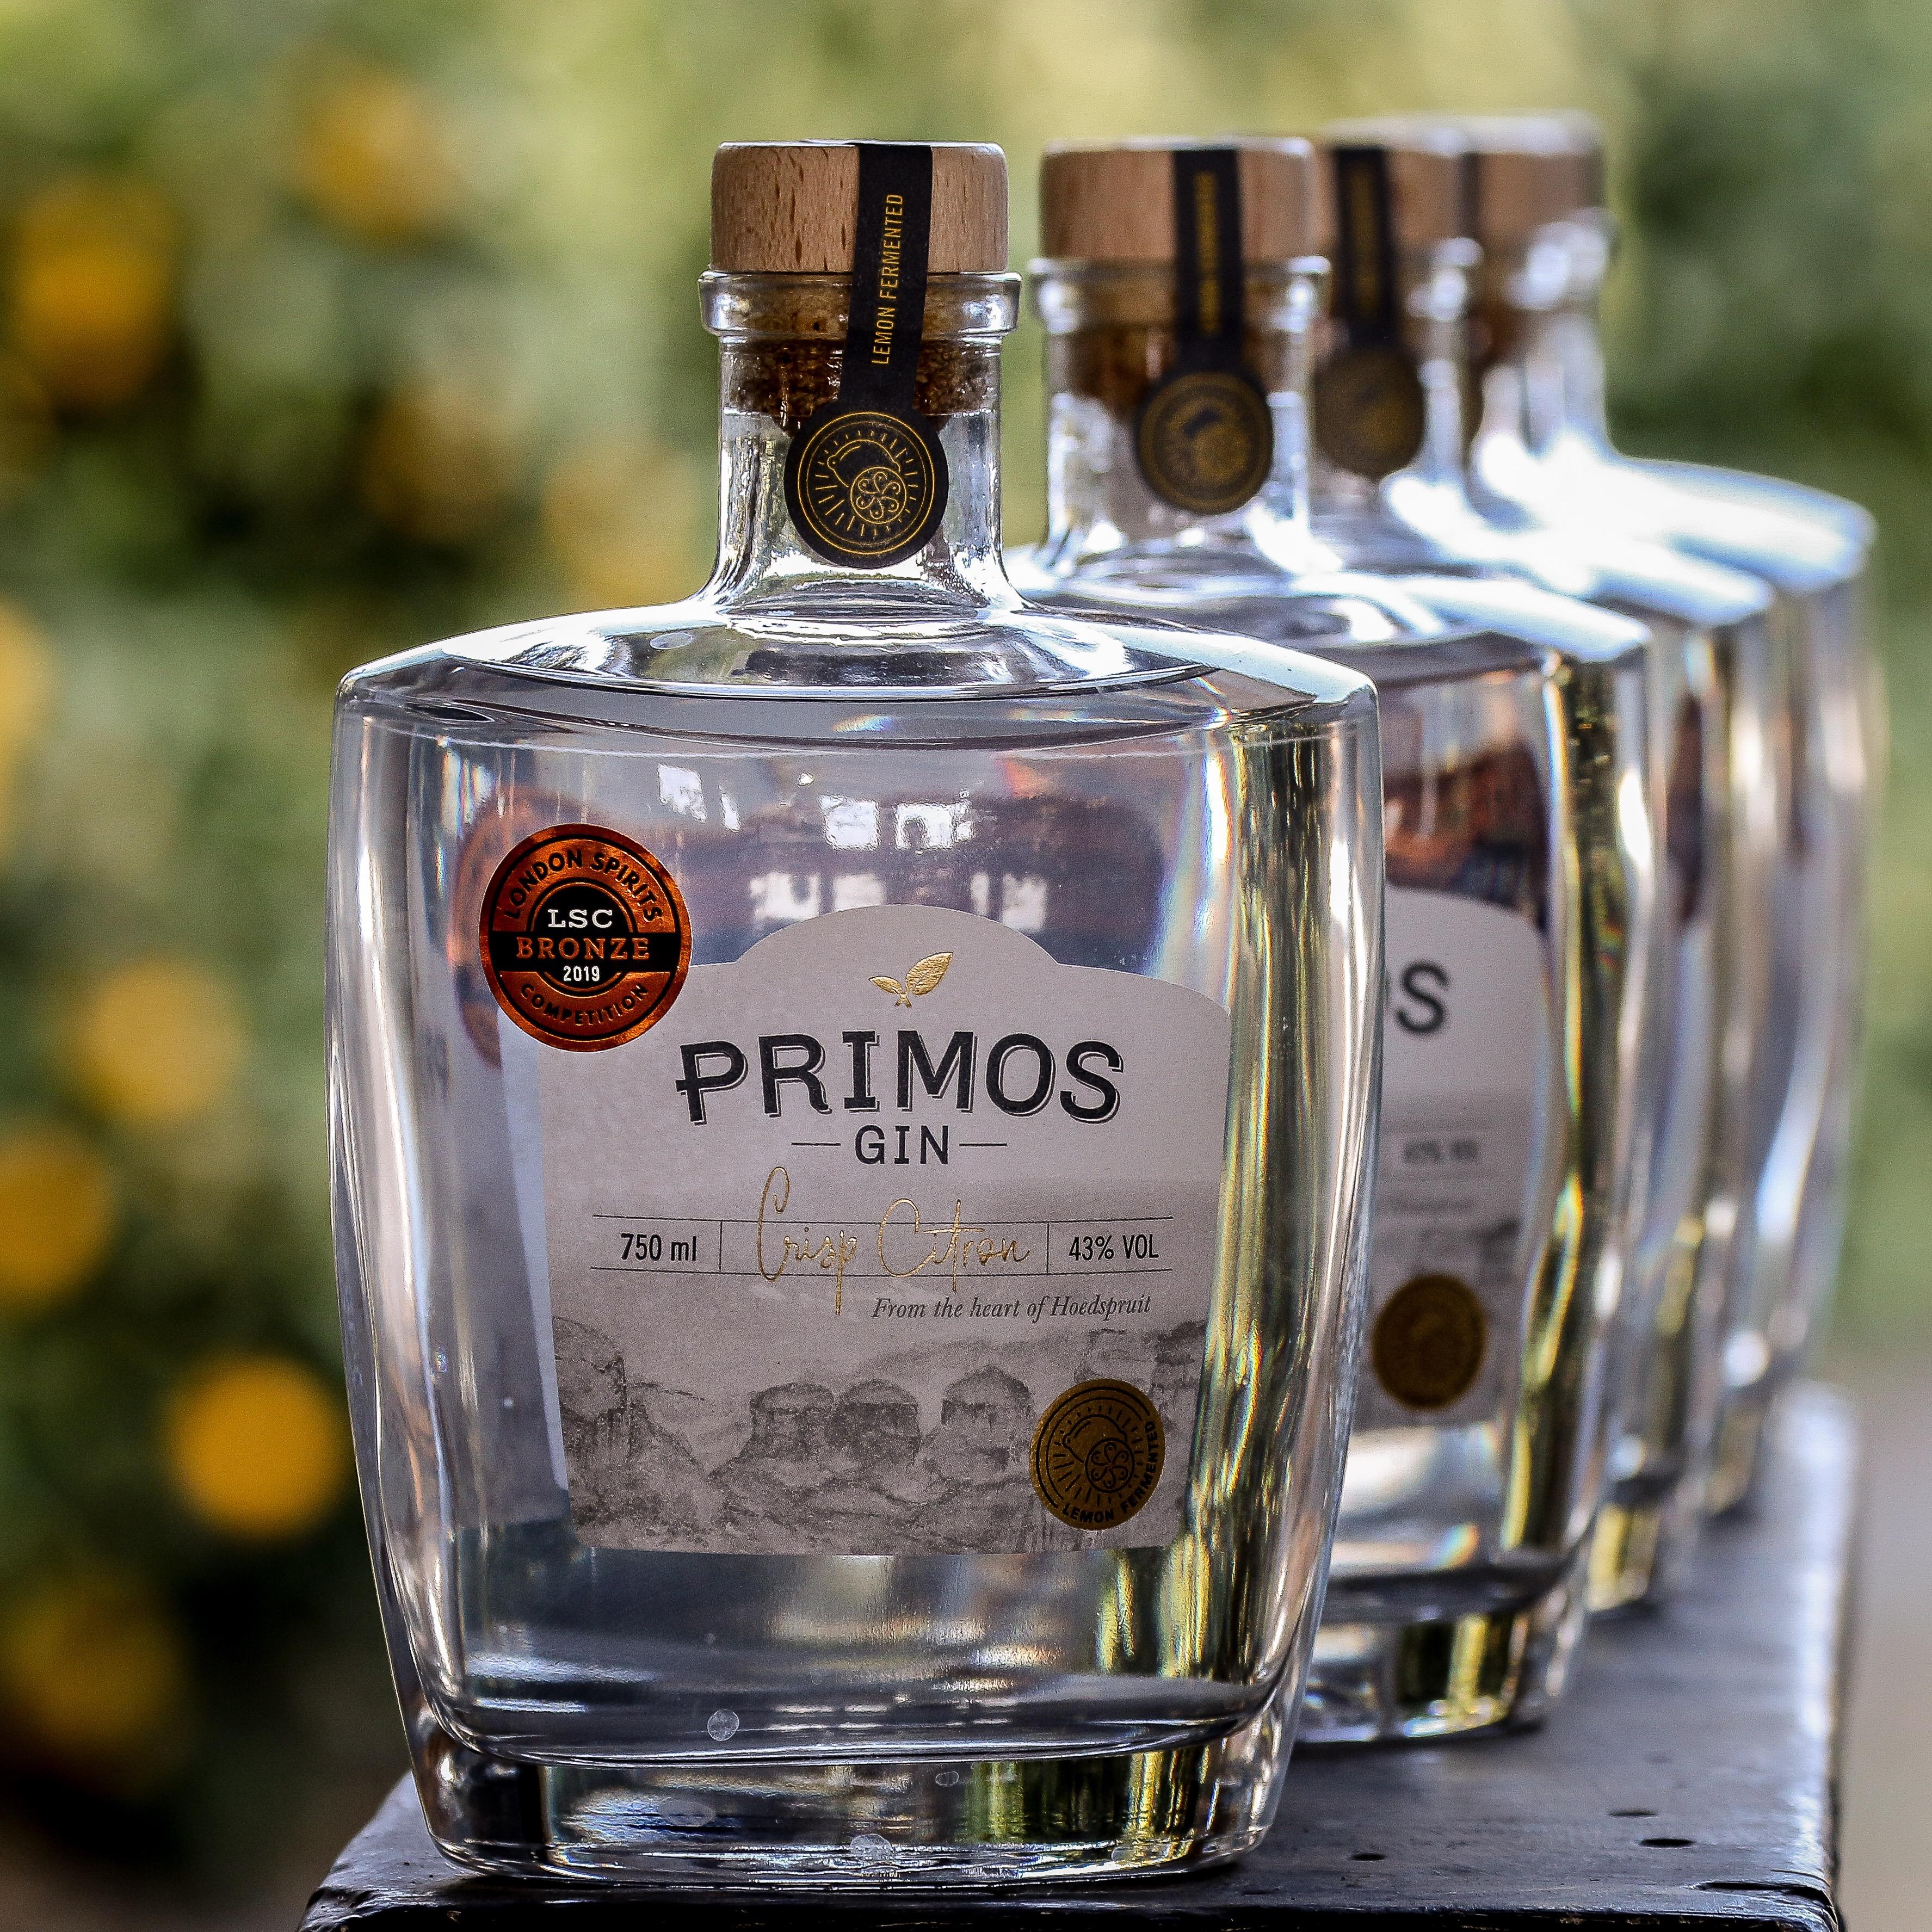 Primos Gin